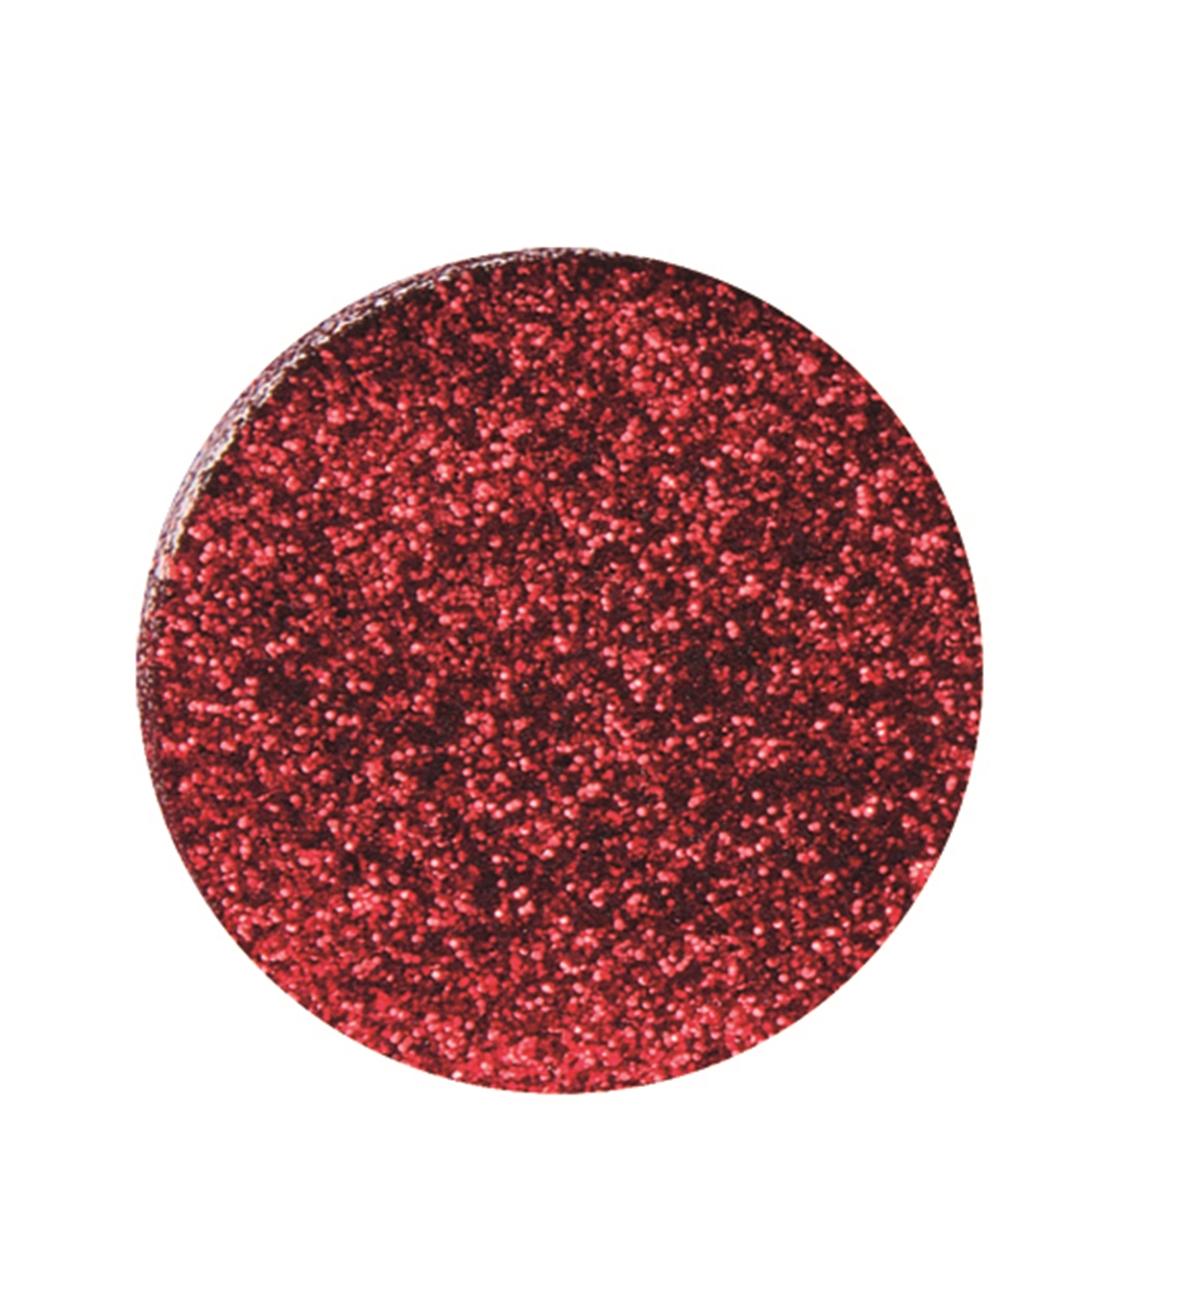 Boîte de 10g de paillettes ultra fines en polyester - Coloris rouge